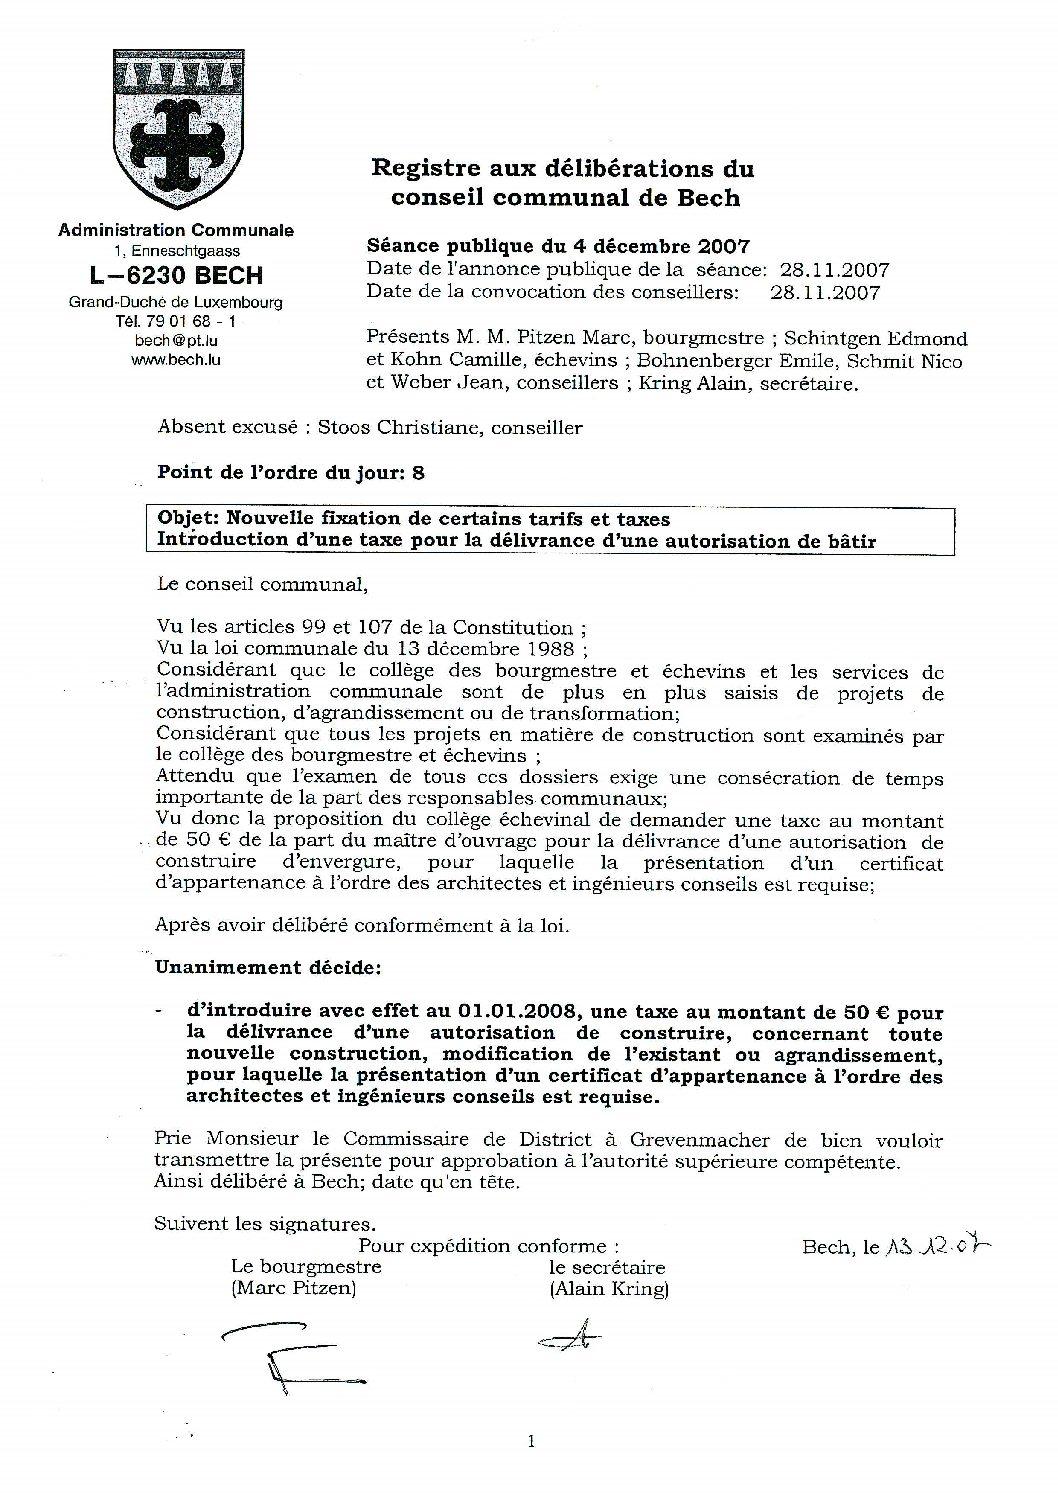 Taxe autorisation de construire (règlement)